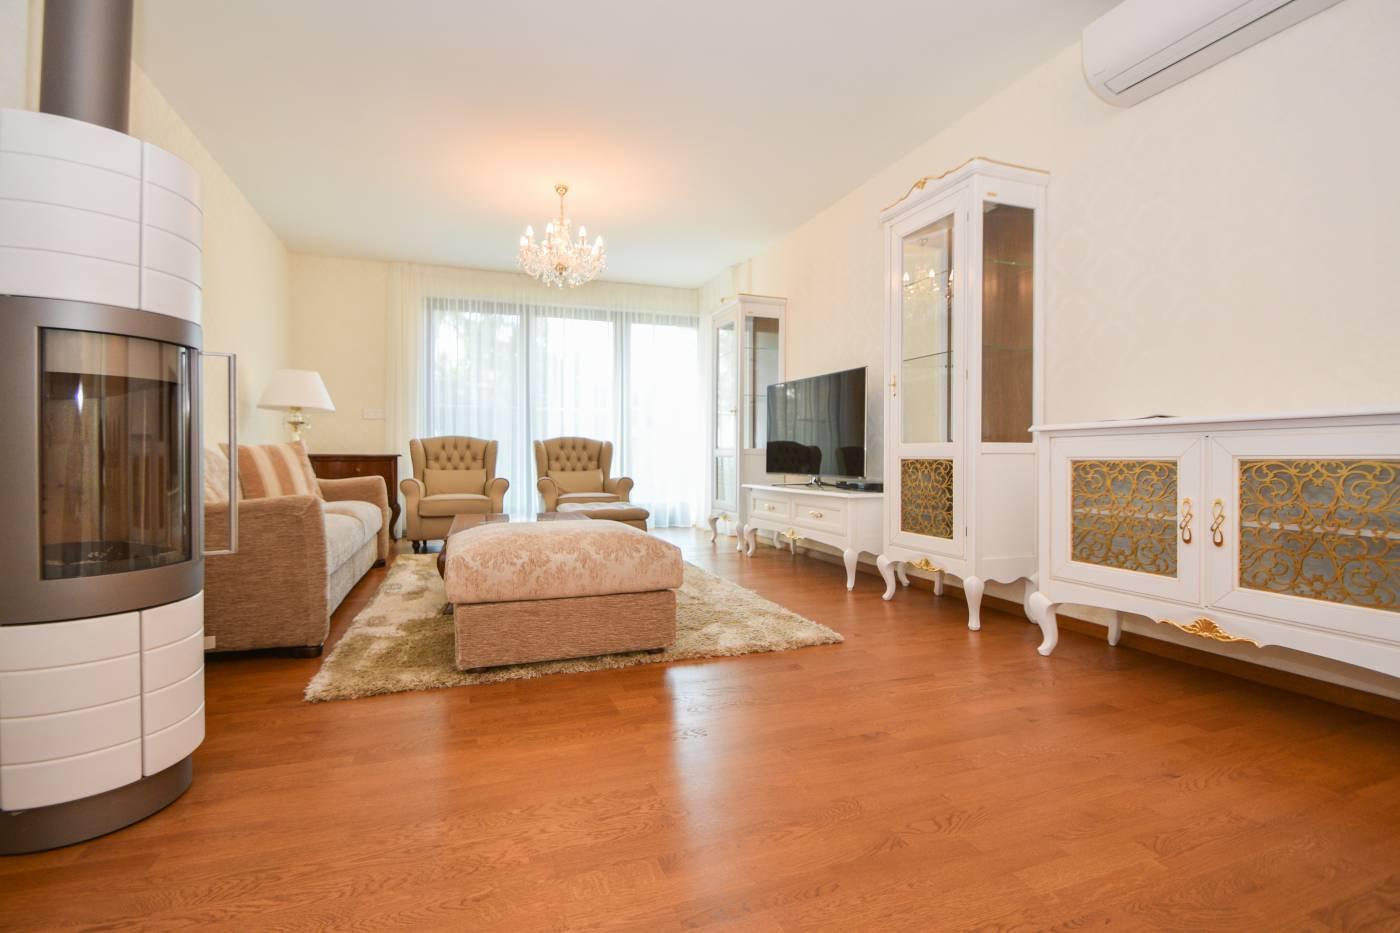 Купить квартиру (дом) в польше: недвижимость в польше для иностранцев